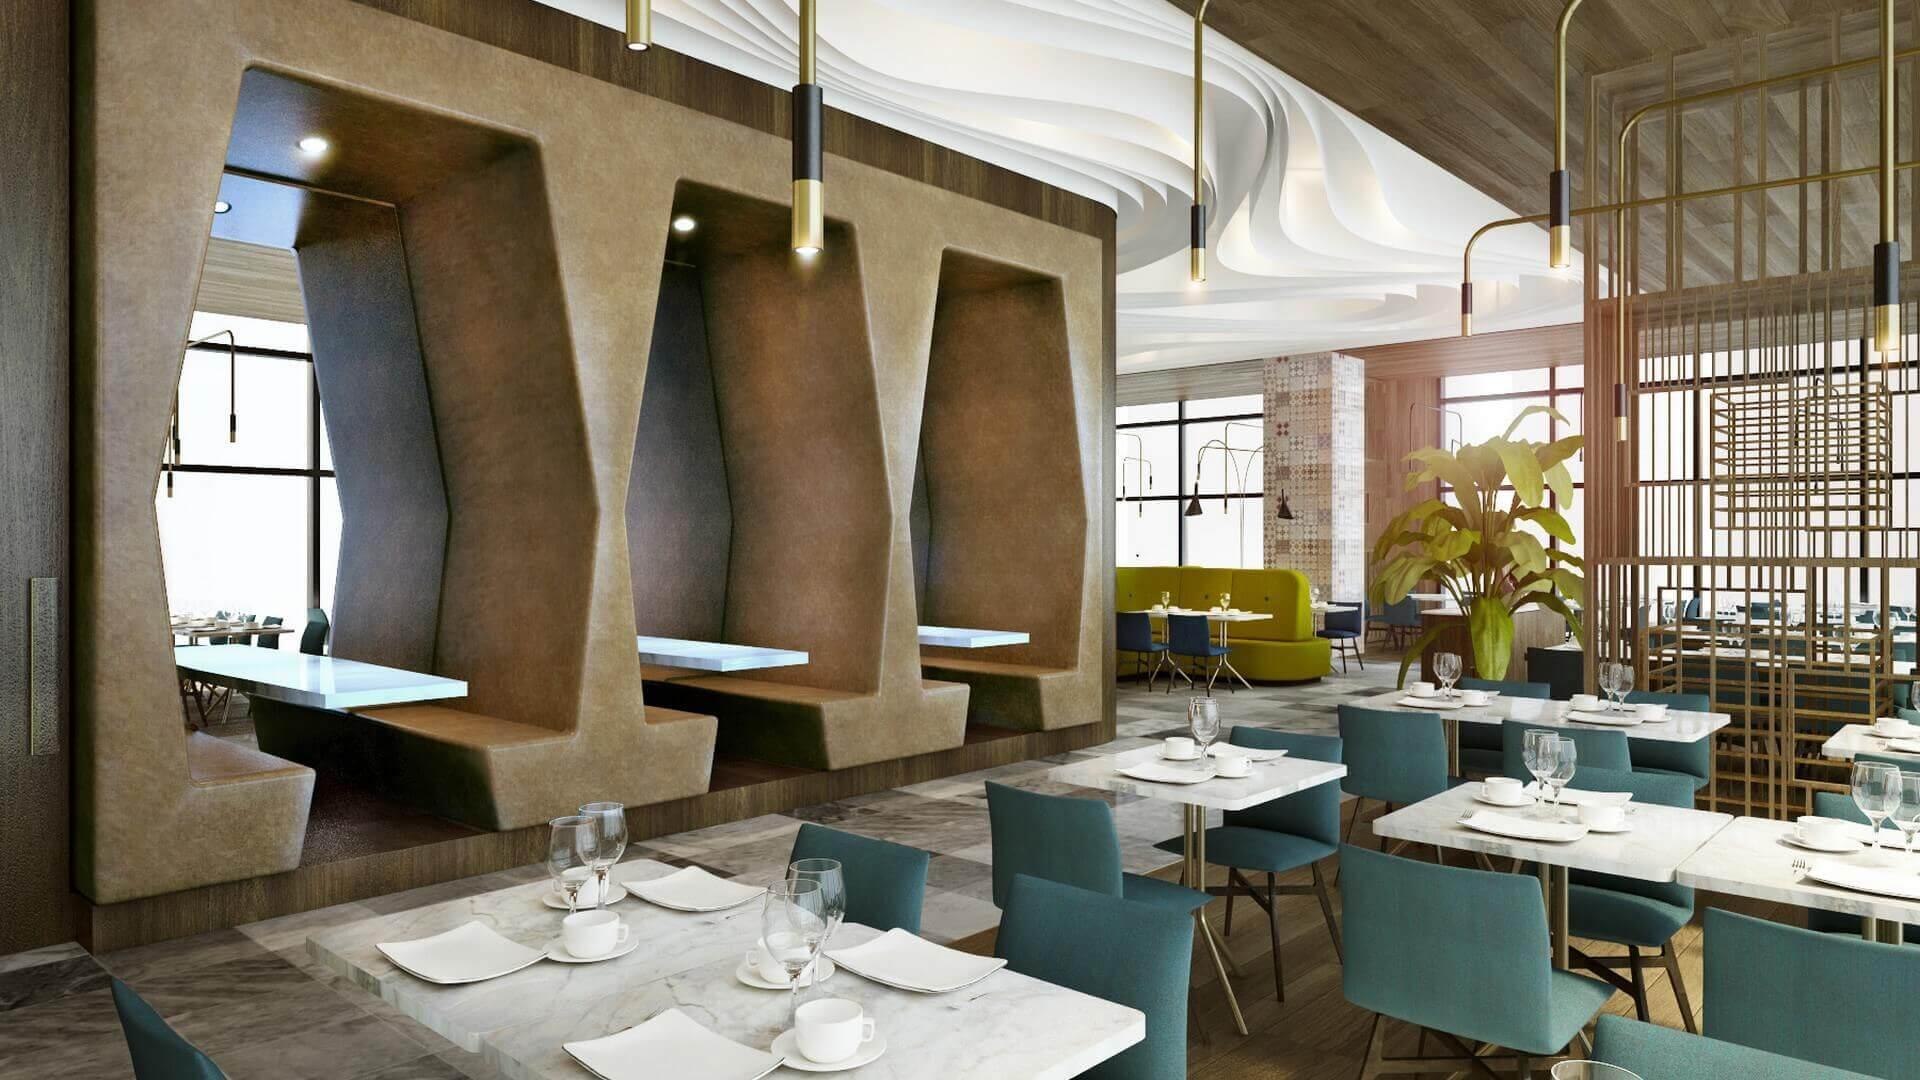 Rustaveli 2053 Tiflis Steakhouse Restaurants